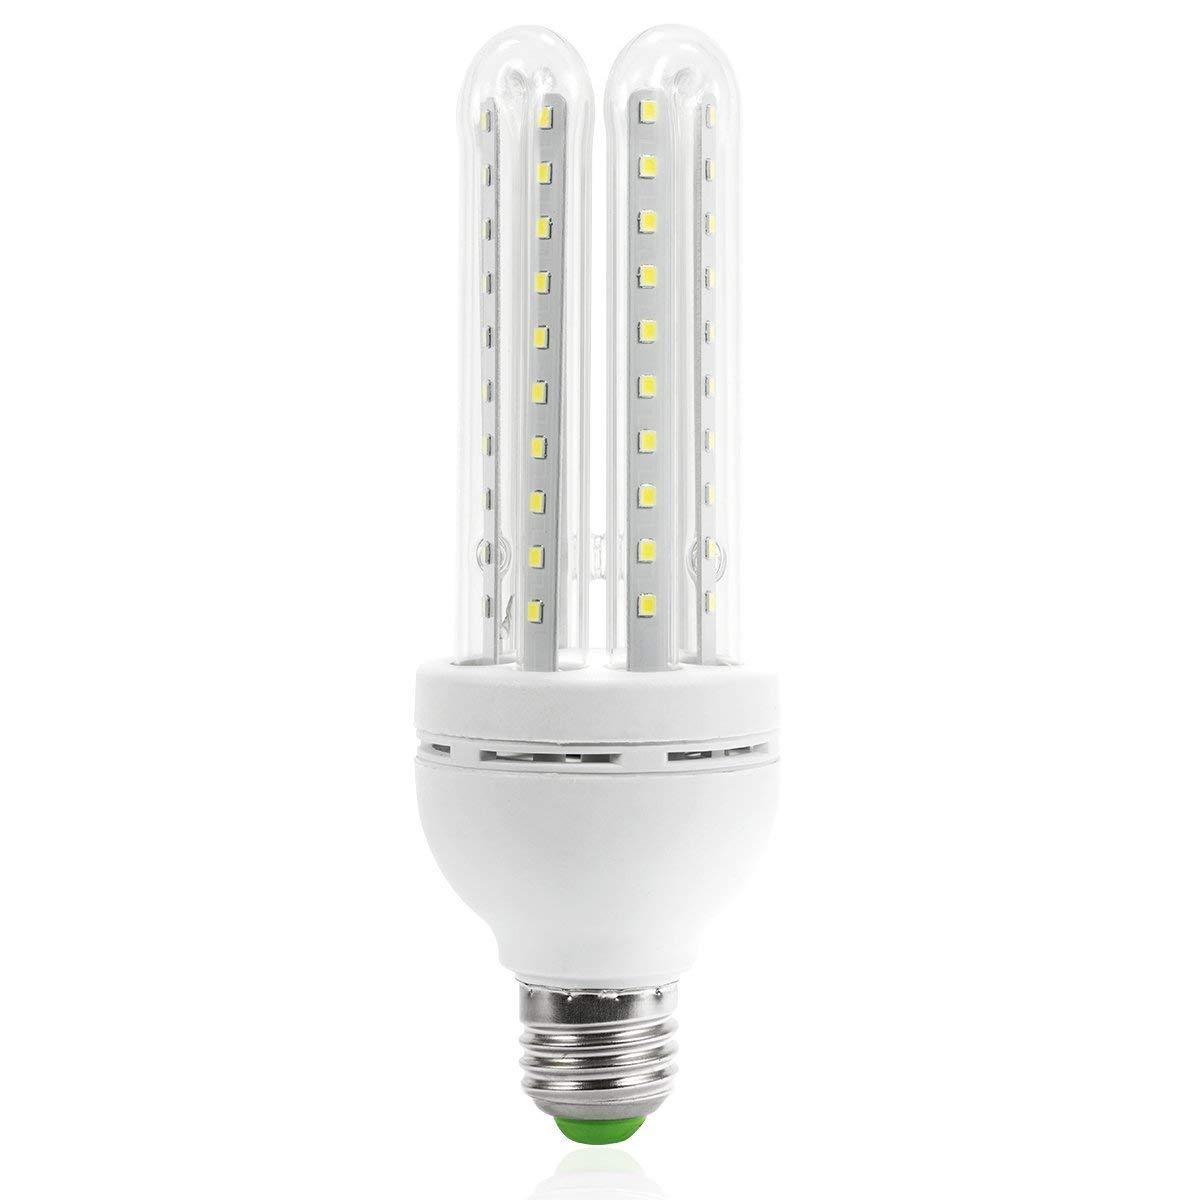 JKLcom 16W E27 LED Light Bulb LED Corn Light Bulbs 16W Corn Light Bulb E27/E26 Medium Screw Base light for Indoor Outdoor,4U,85-265V,80 LED 2835 SMD,Not-Dimmable,Cool White 6000K